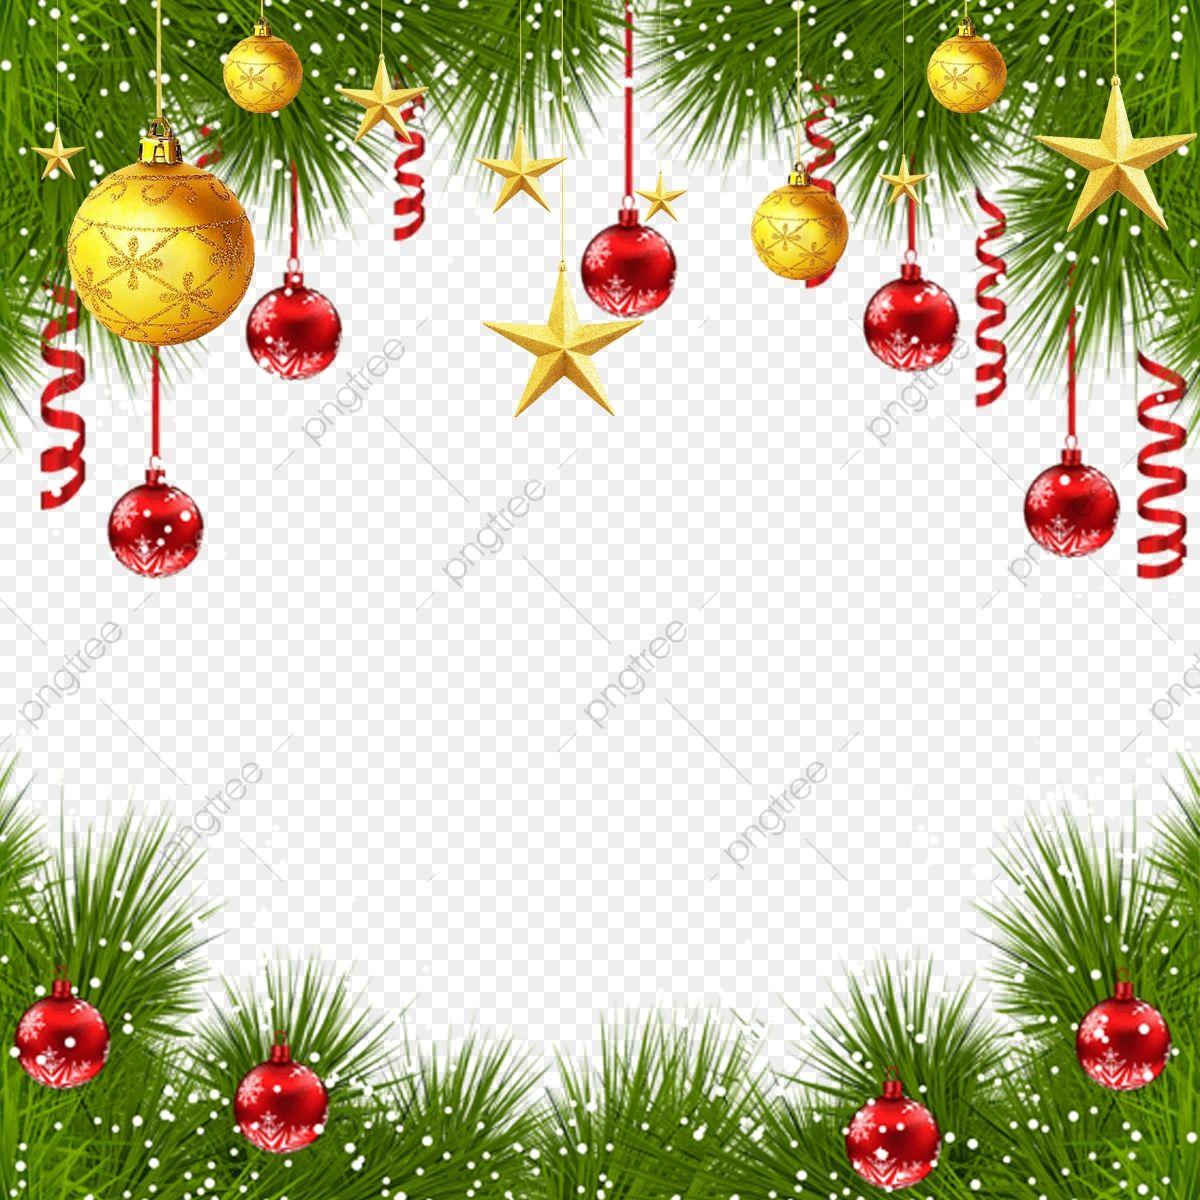 Download This Christmas Star Christmas Ball Christmas Border Background Christmas Graphic Christmas Christmas Christmas Border Christmas Svg Christmas Star